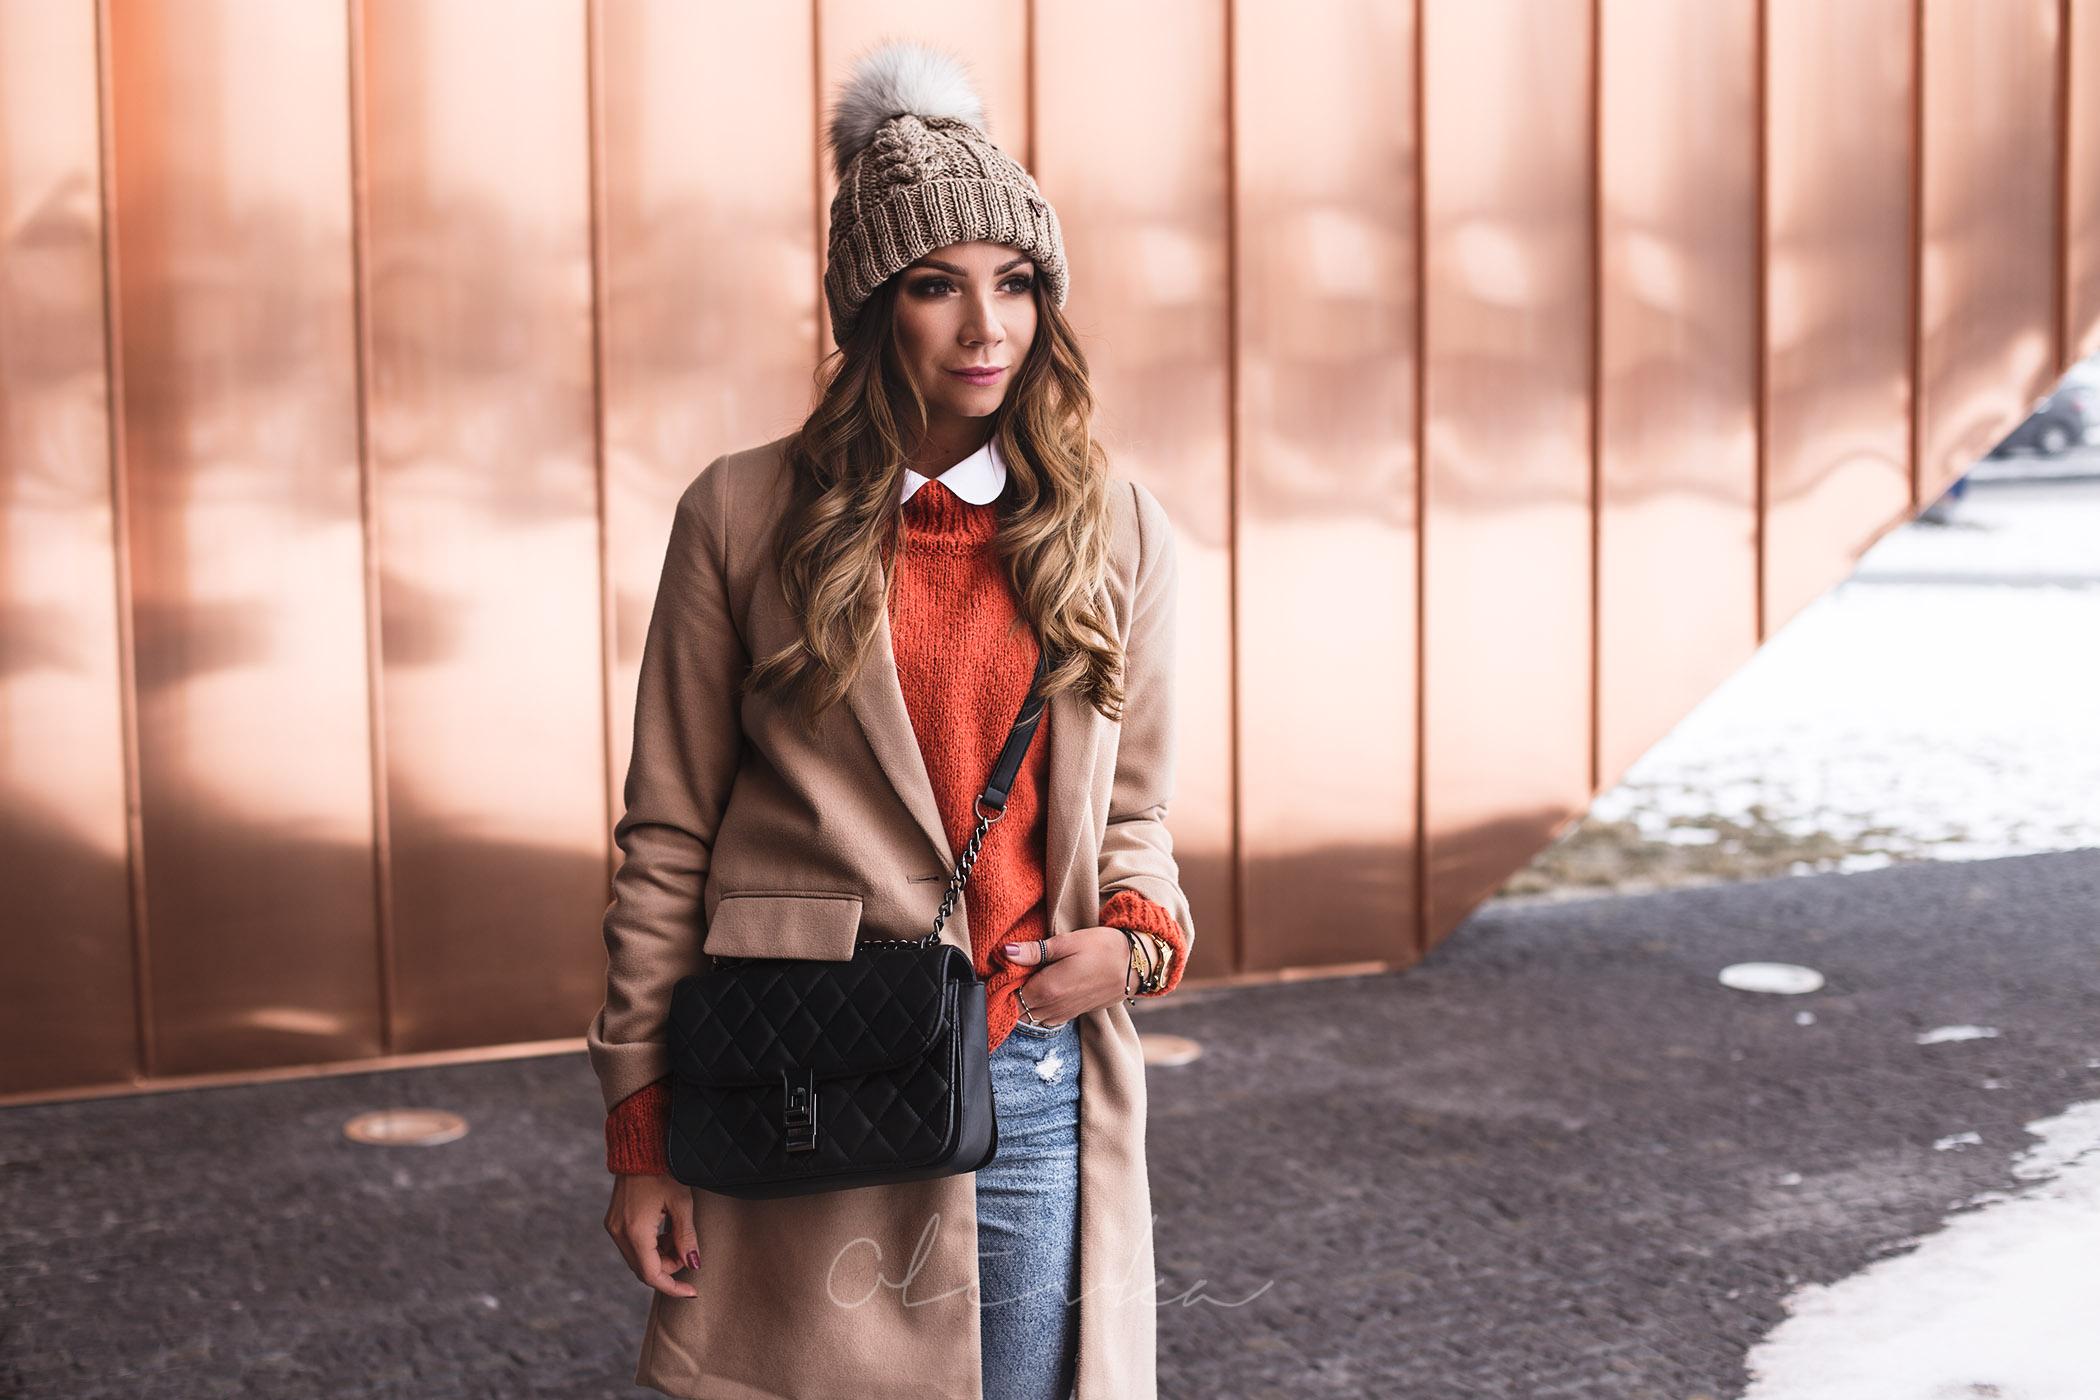 Moda na wygodę OlivkaBlog.pl to moda, lifestyle i podróże